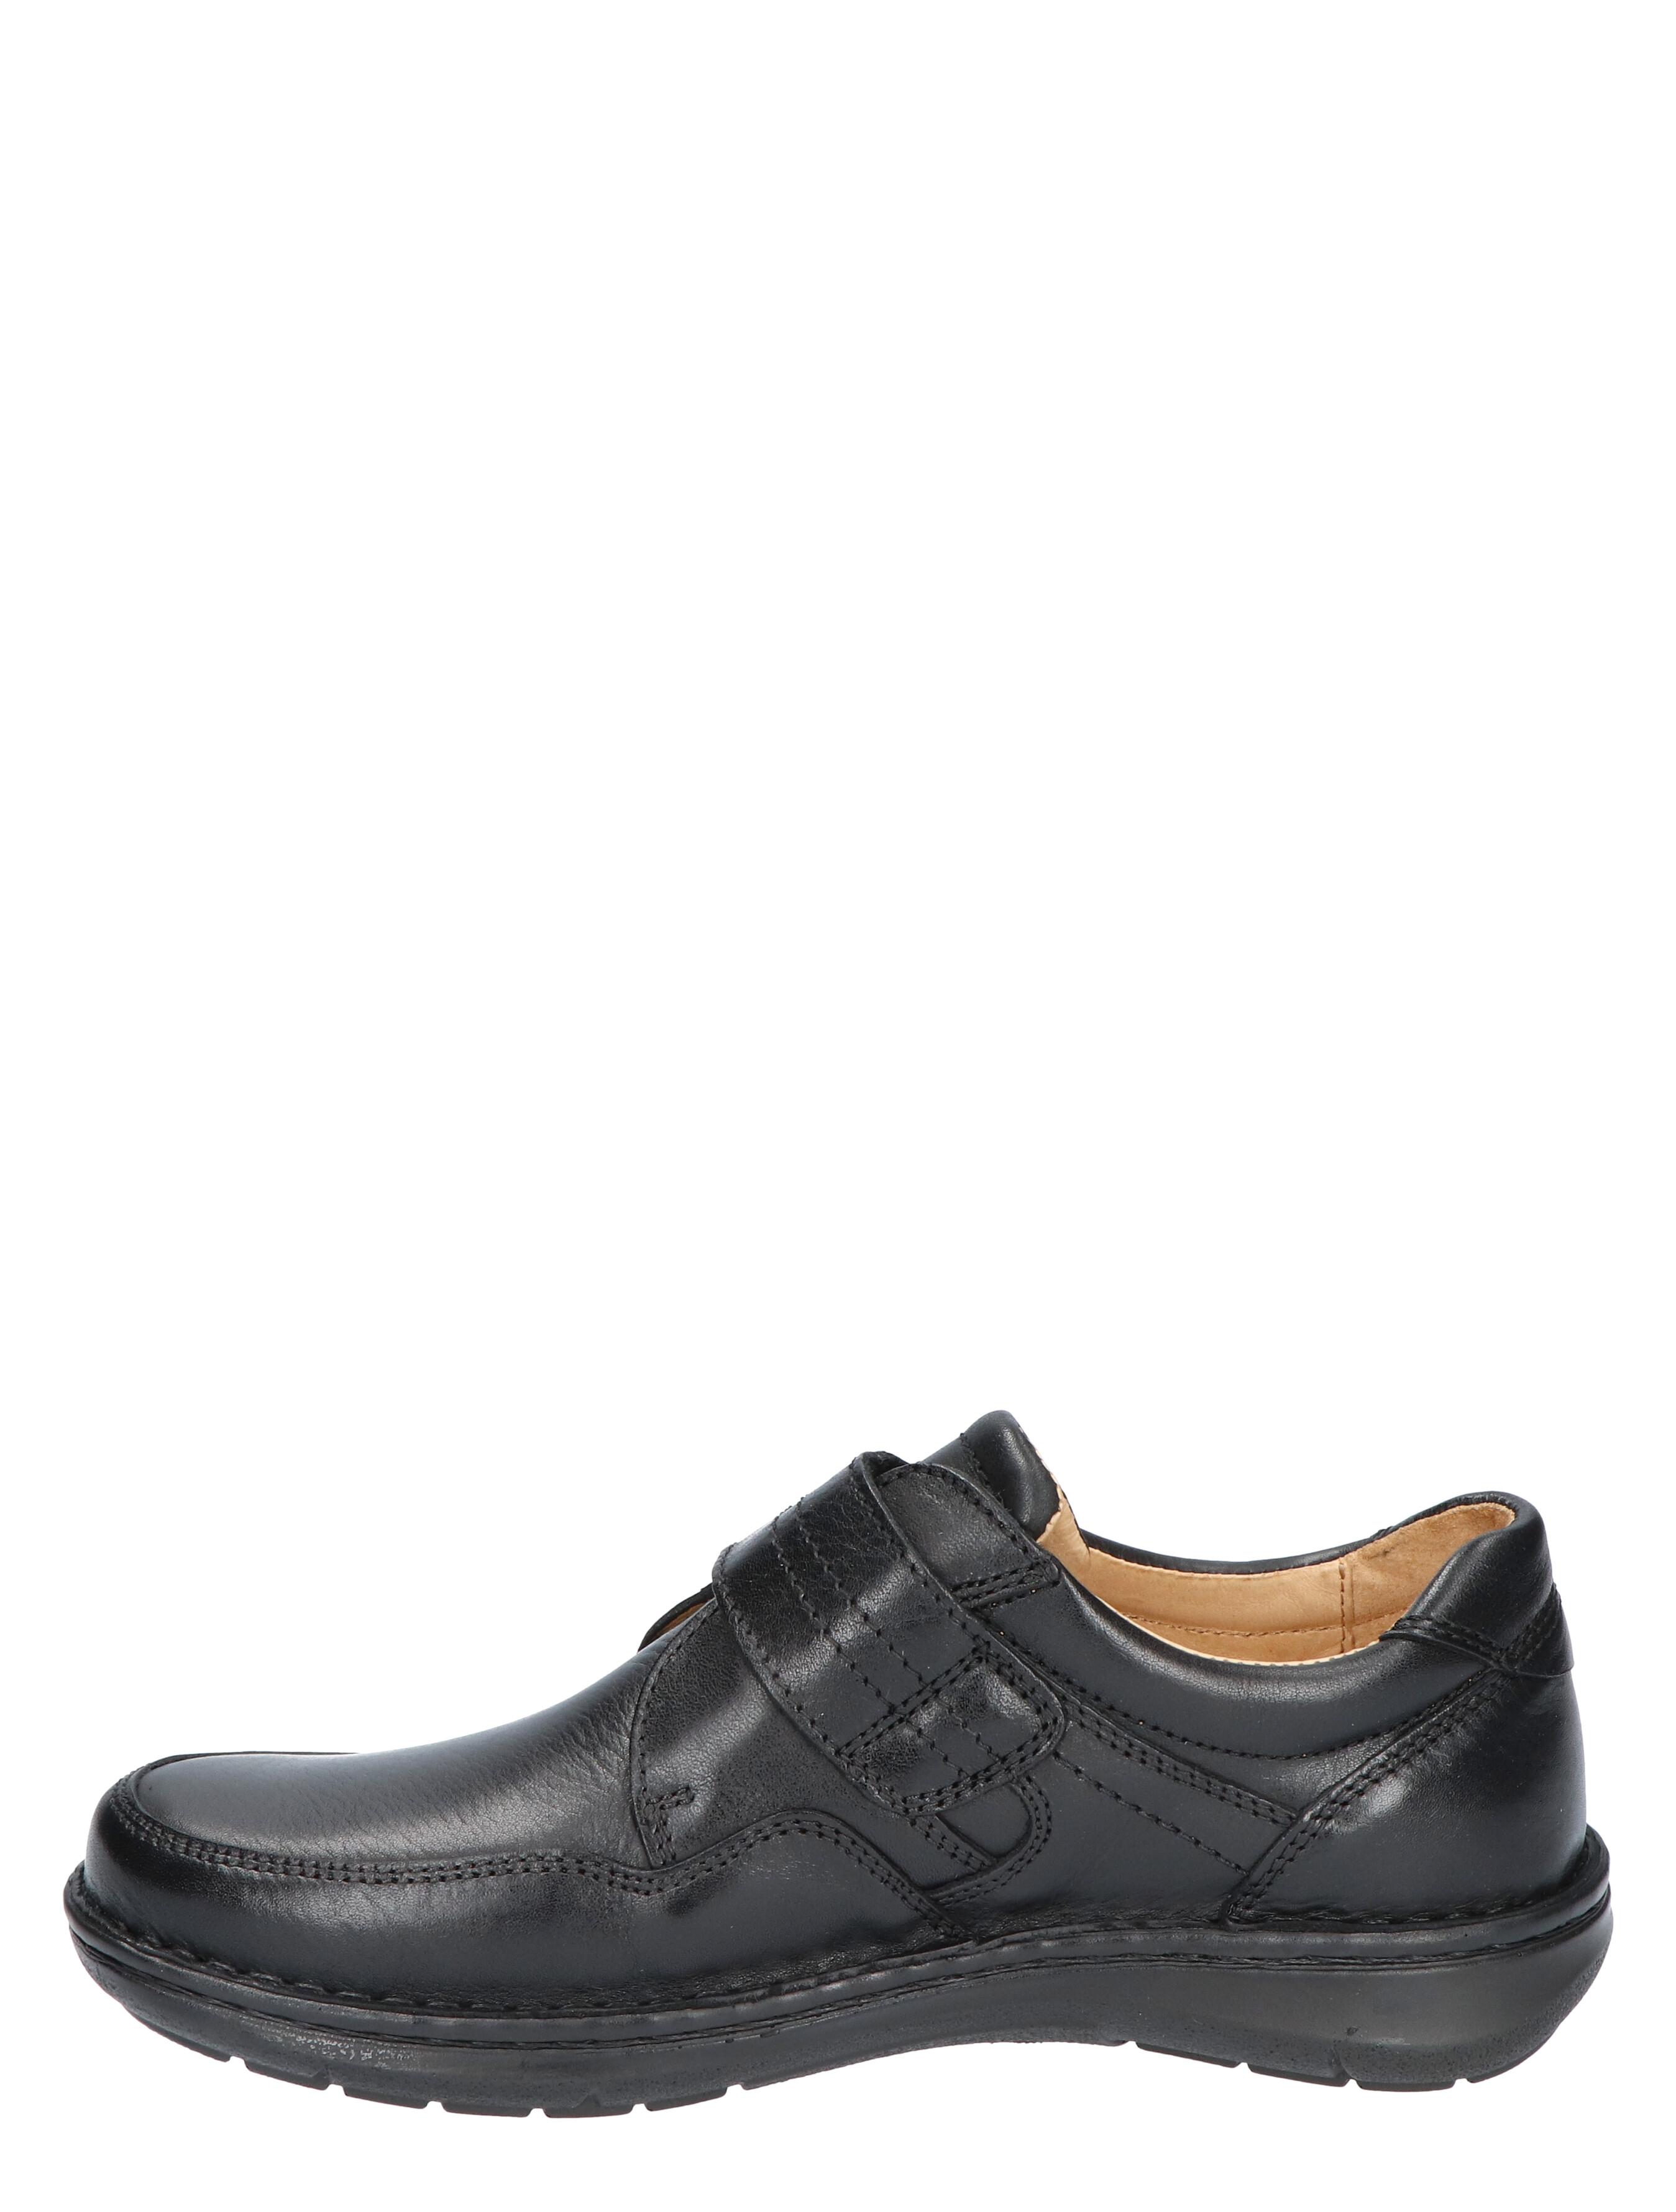 Cypres Comfort Nyck Black G+ Wijdte Klittenbandschoenen